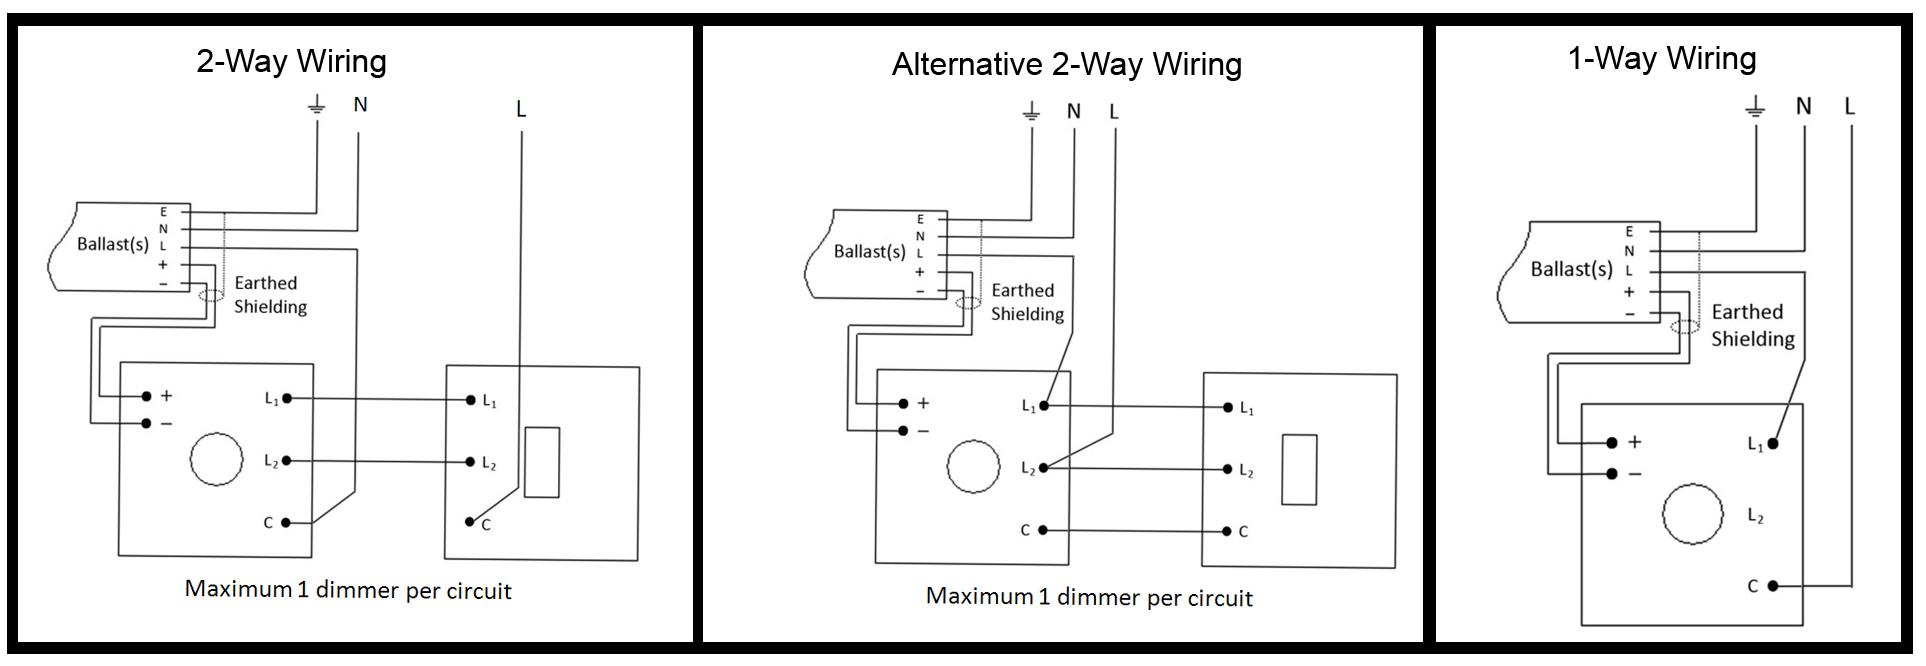 hight resolution of 10vdc wiring diagram wiring diagram10vdc wiring diagram wiring diagram technic10v zmnhvd3 installation diagram varilight specialist moduleswe